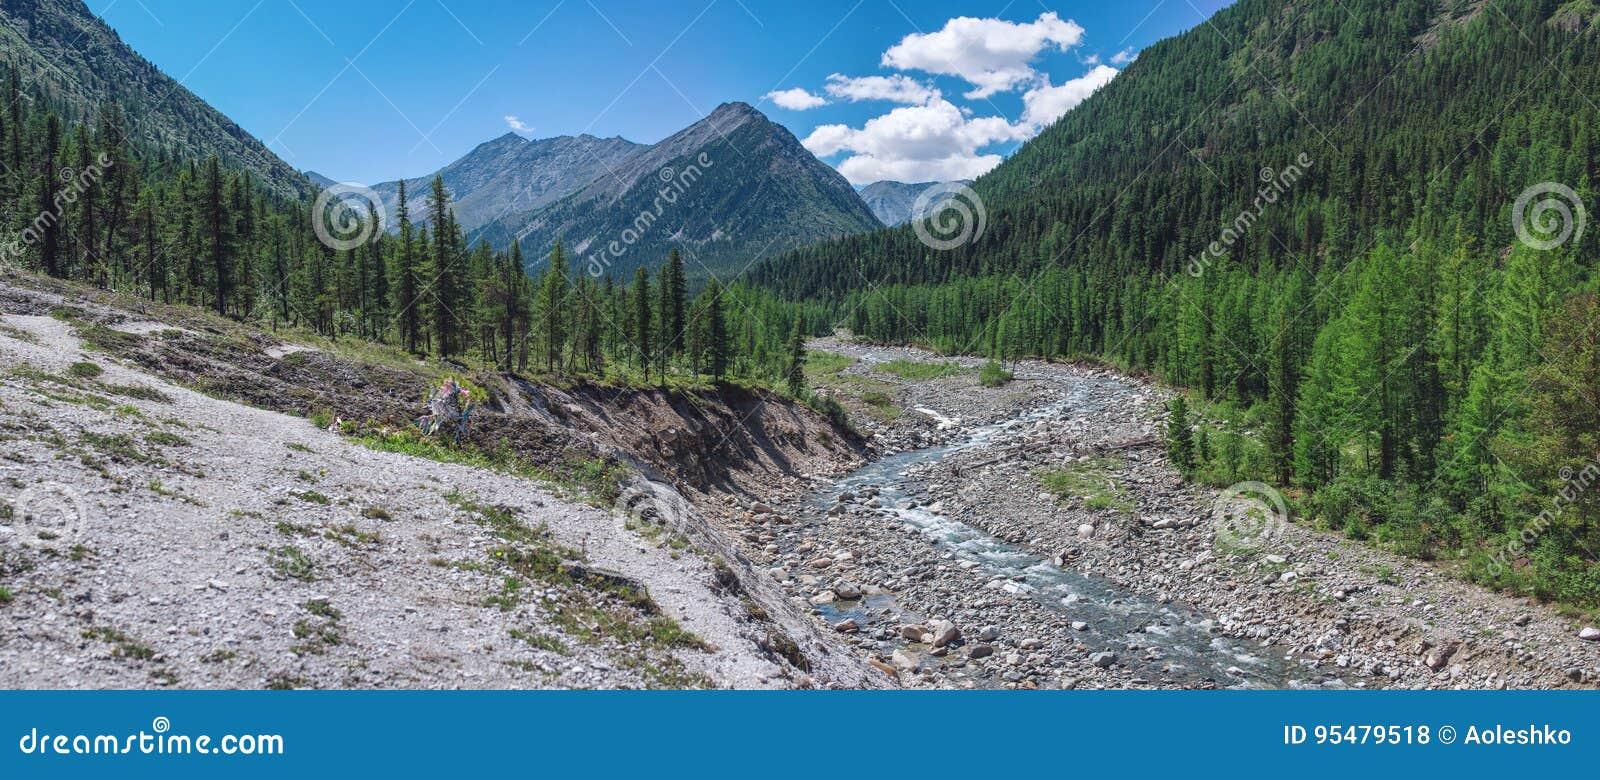 Piękny widok halna rzeka wśród lasu i skały na tle osiąga szczyt